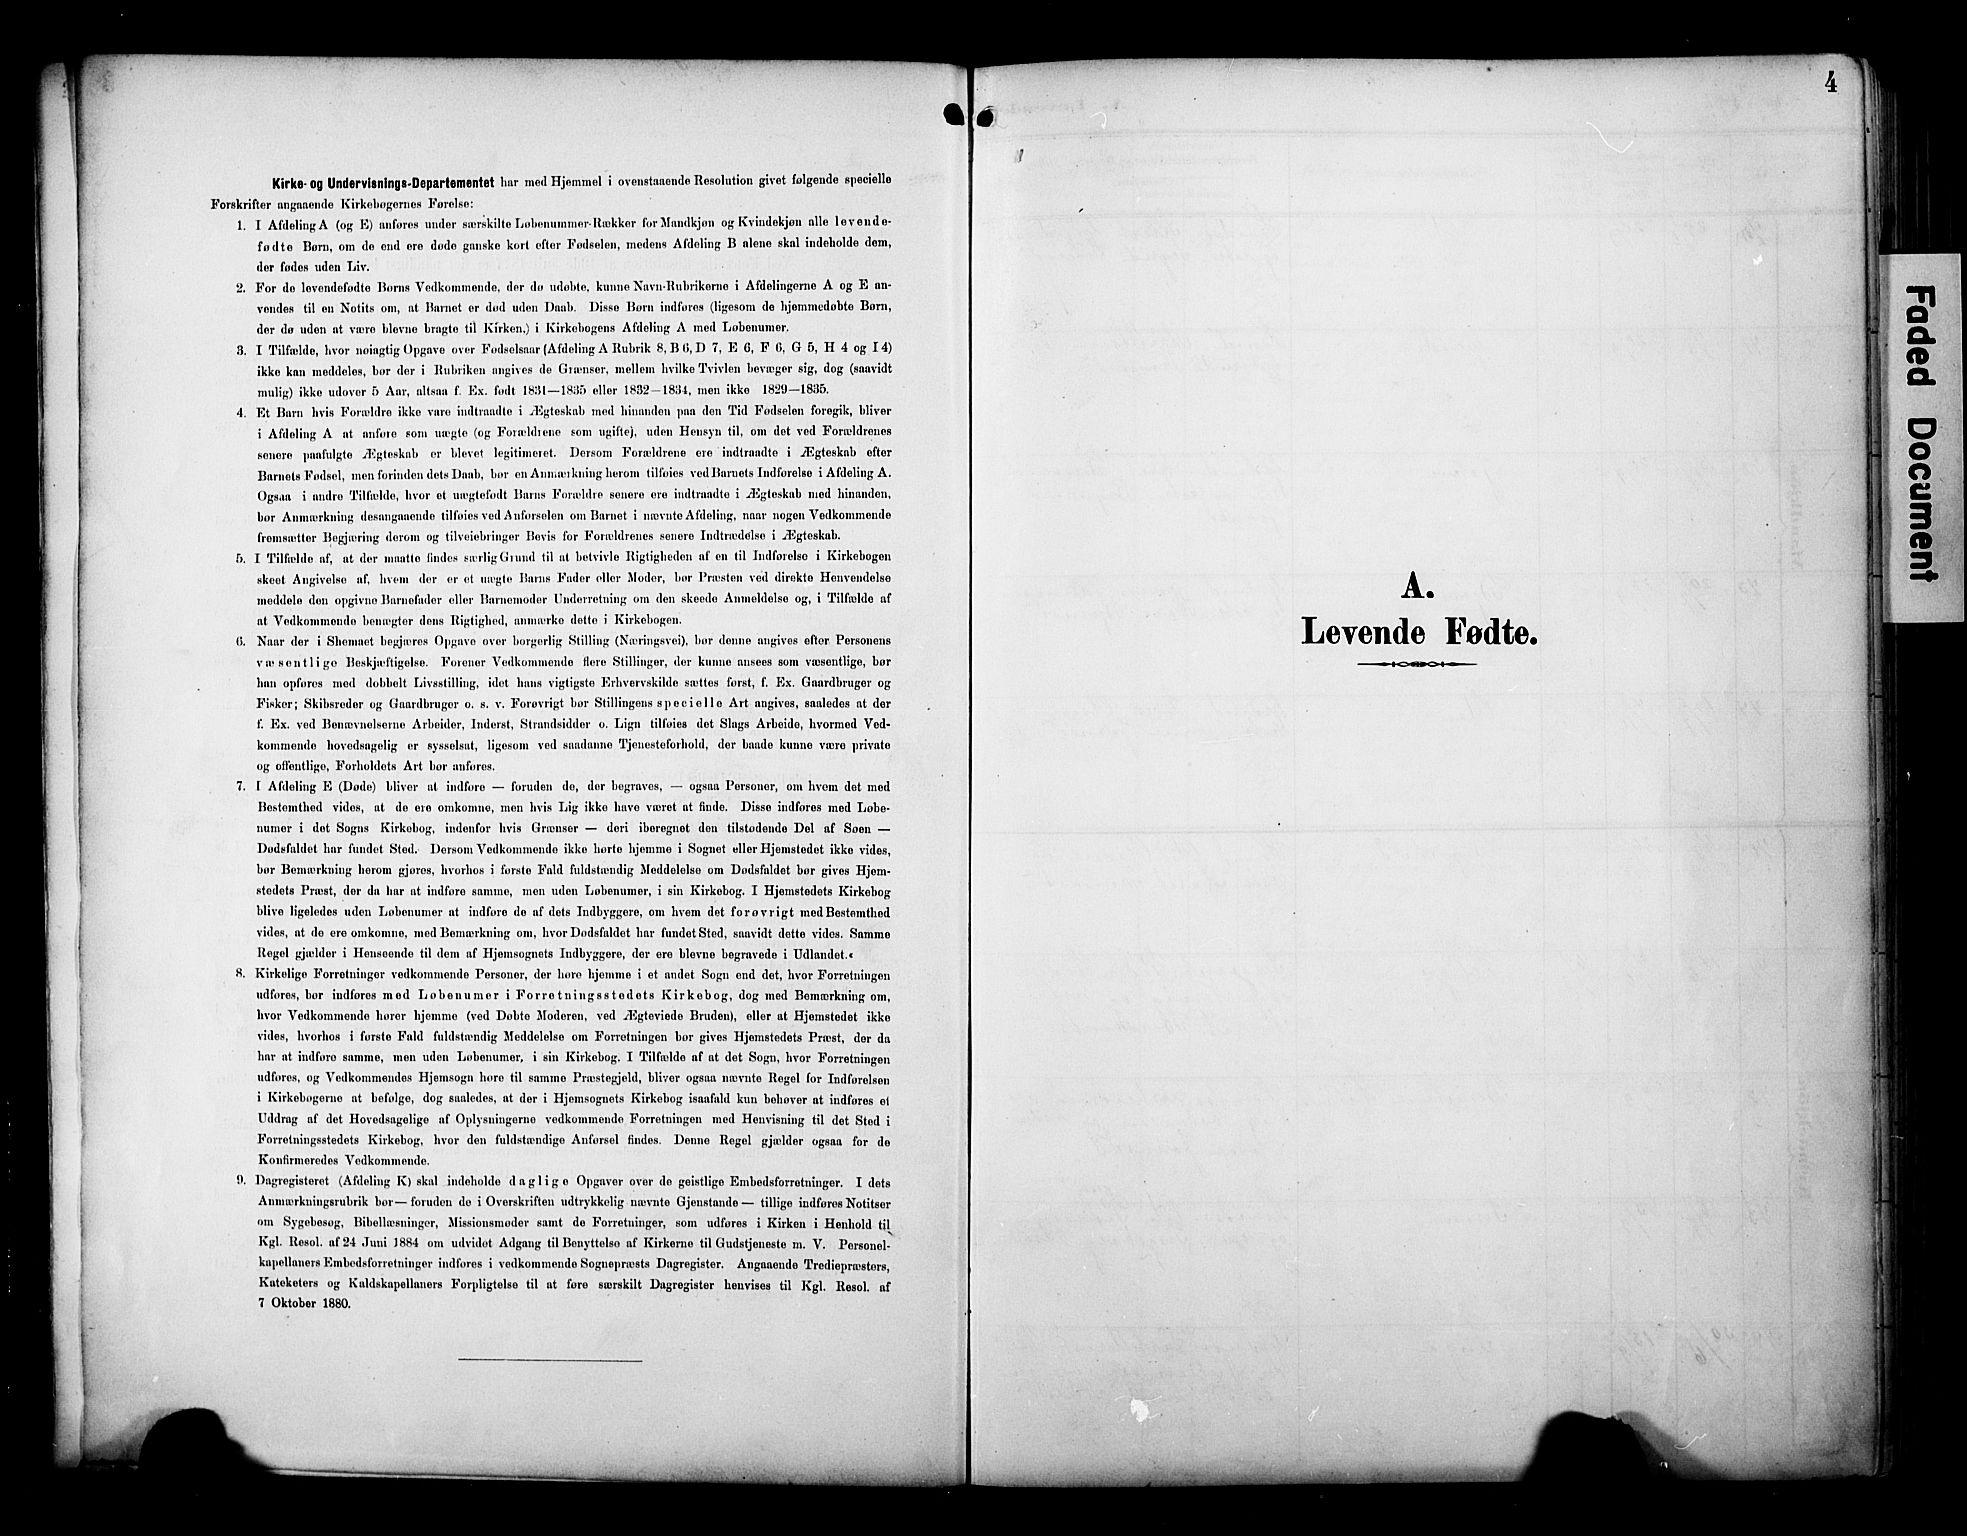 SAT, Ministerialprotokoller, klokkerbøker og fødselsregistre - Sør-Trøndelag, 695/L1149: Ministerialbok nr. 695A09, 1891-1902, s. 4